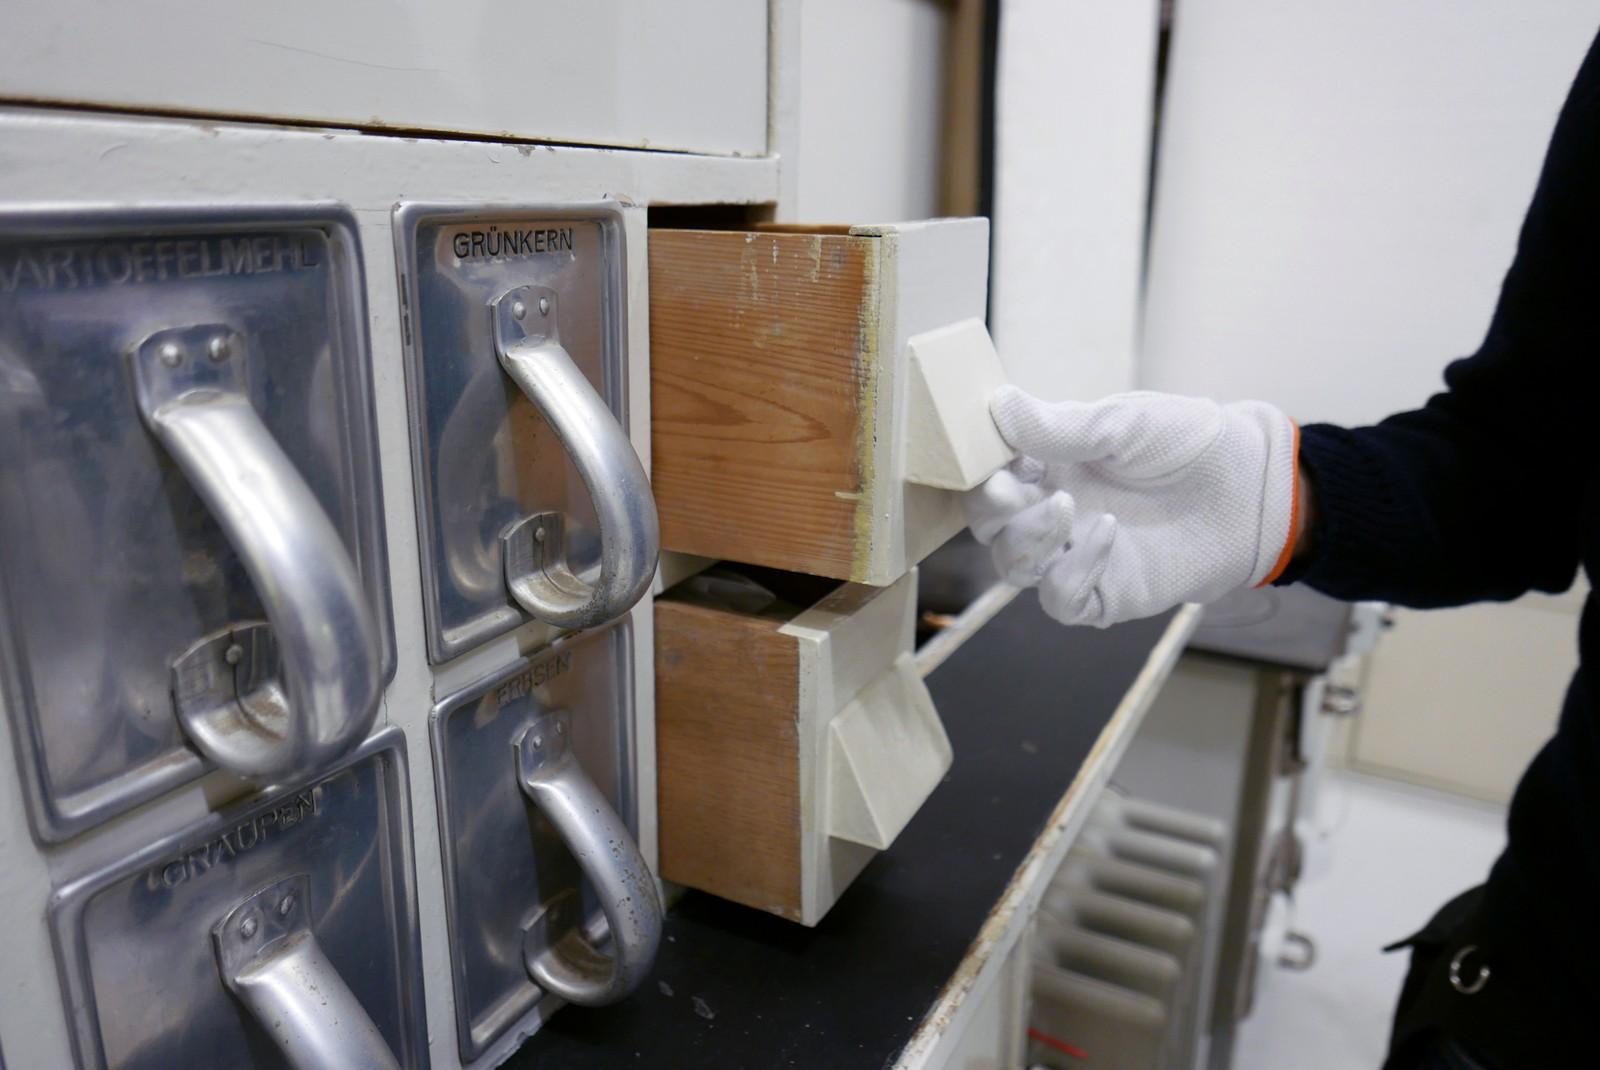 Den øverste skuffen er laget av furu og skal brukes til å oppbevare salt. Furu er valgt fordi treet holder fuktigheten unna saltet. Den nederste skuffen er laget av eik og er til oppbevaring av mel. Garvesyren til eiken gjør at melet holder seg bedre.